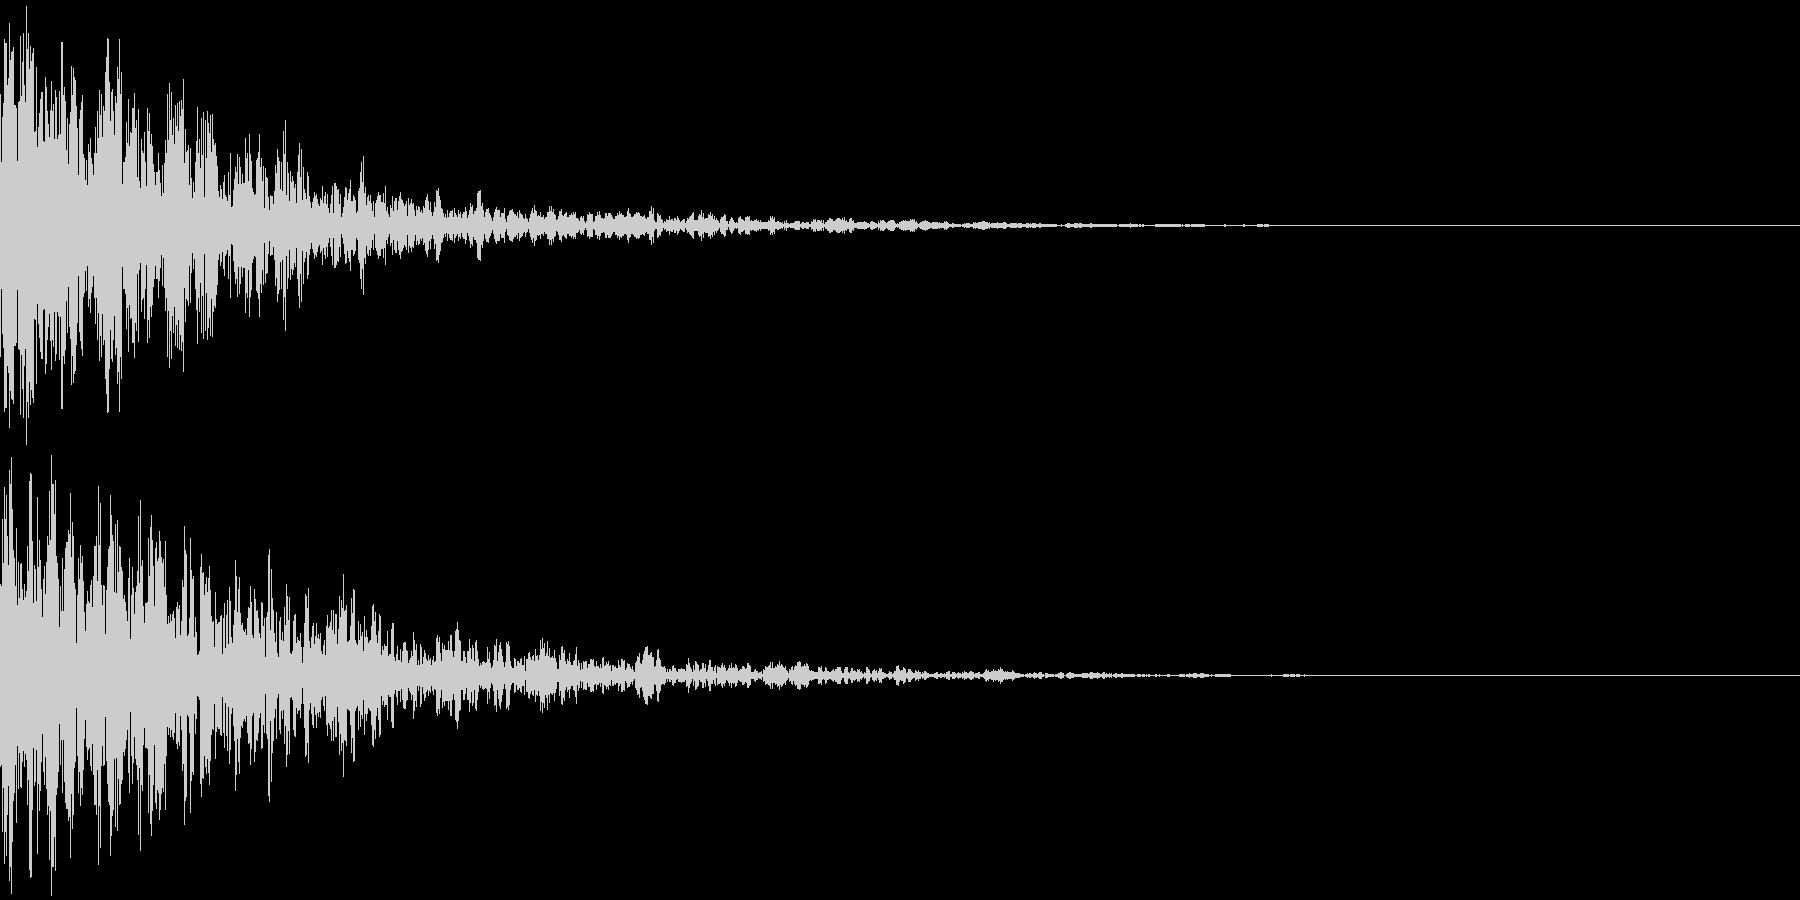 ドーン-27-2(インパクト音)の未再生の波形